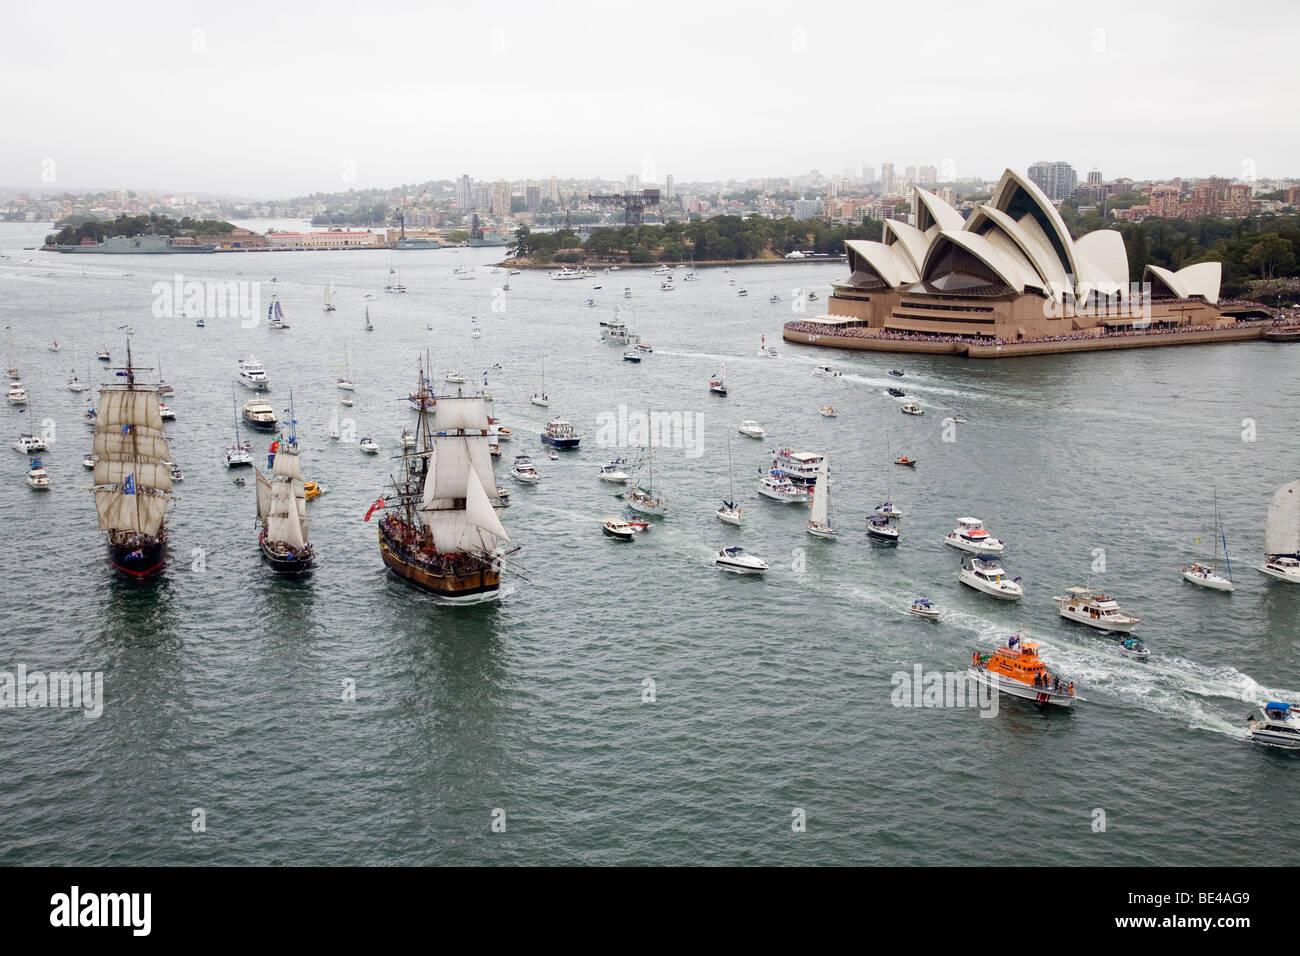 Annuale di Tall Ships regatta gara sul Porto di Sydney - parte dell'Australia alle celebrazioni del Giorno. Immagini Stock